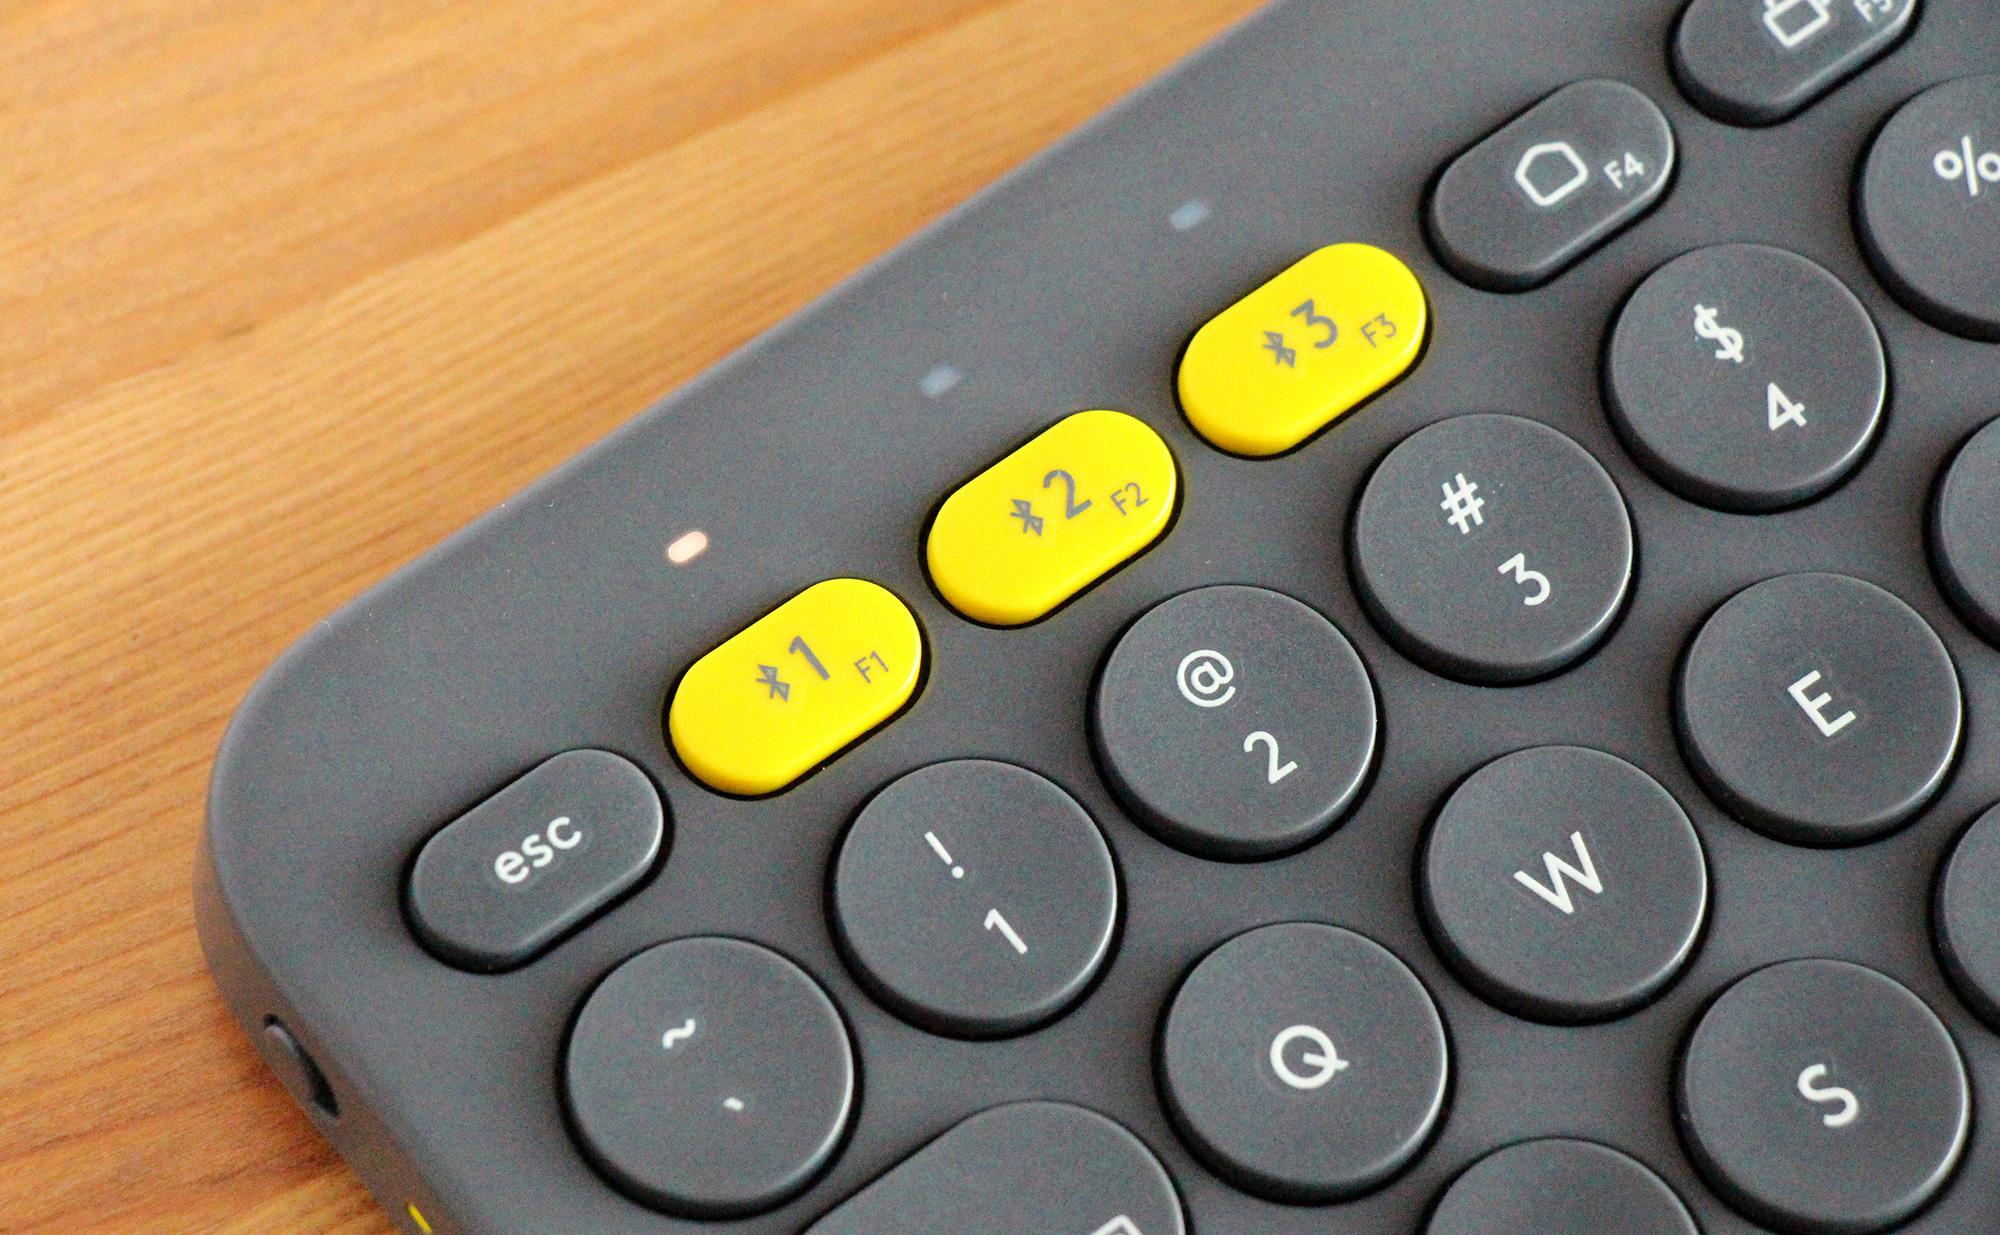 bluetooth-keyboard-logitech-k380